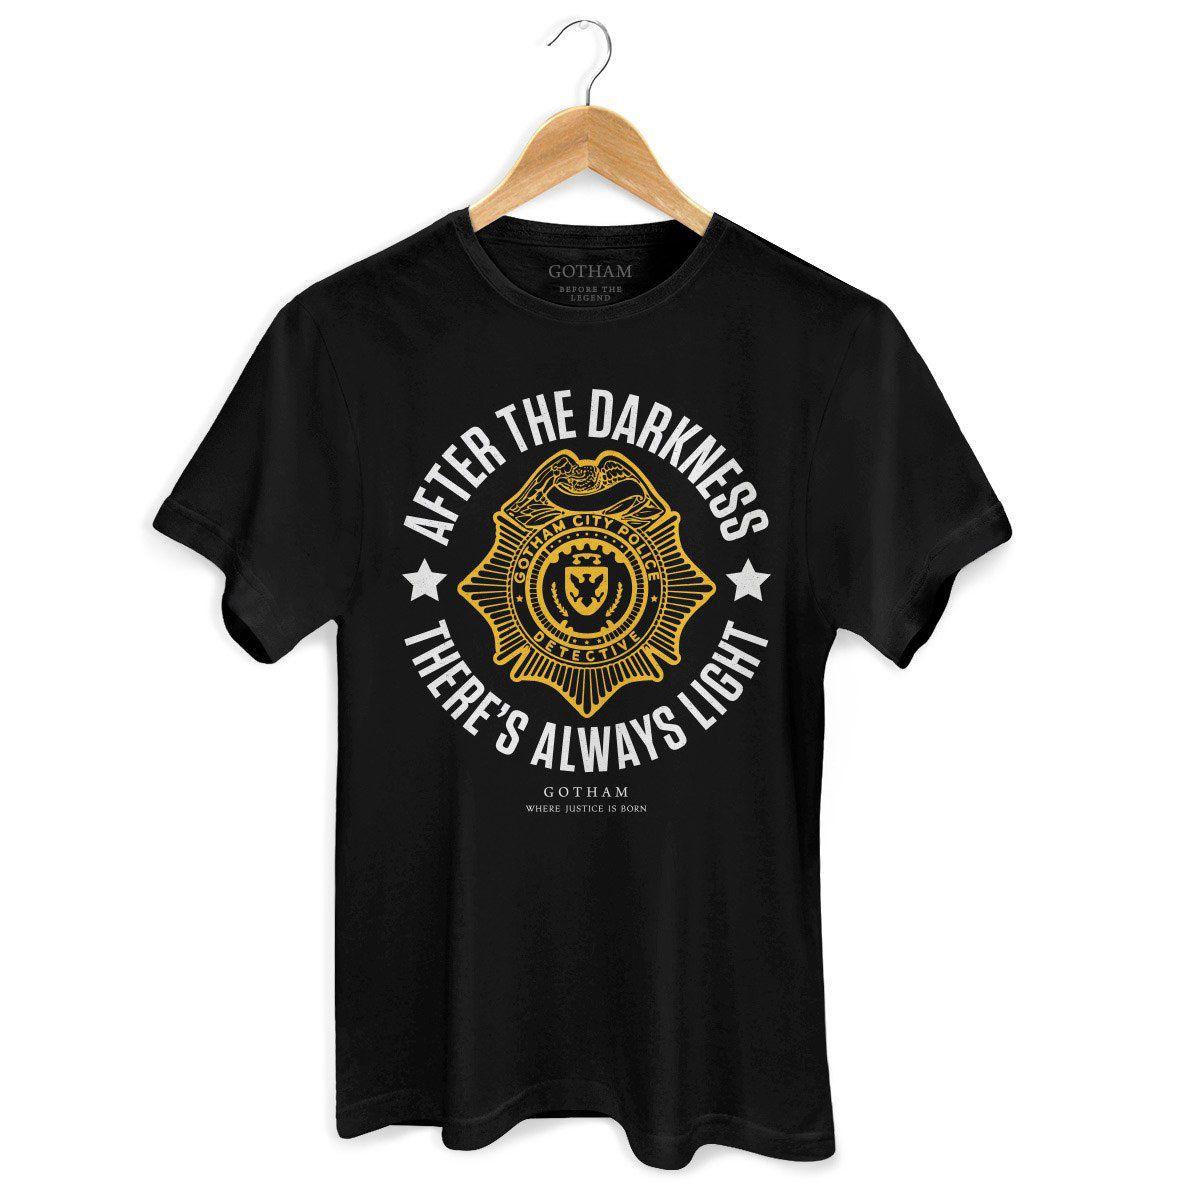 Camiseta Masculina Gotham There´s Always Light  - bandUP Store Marketplace